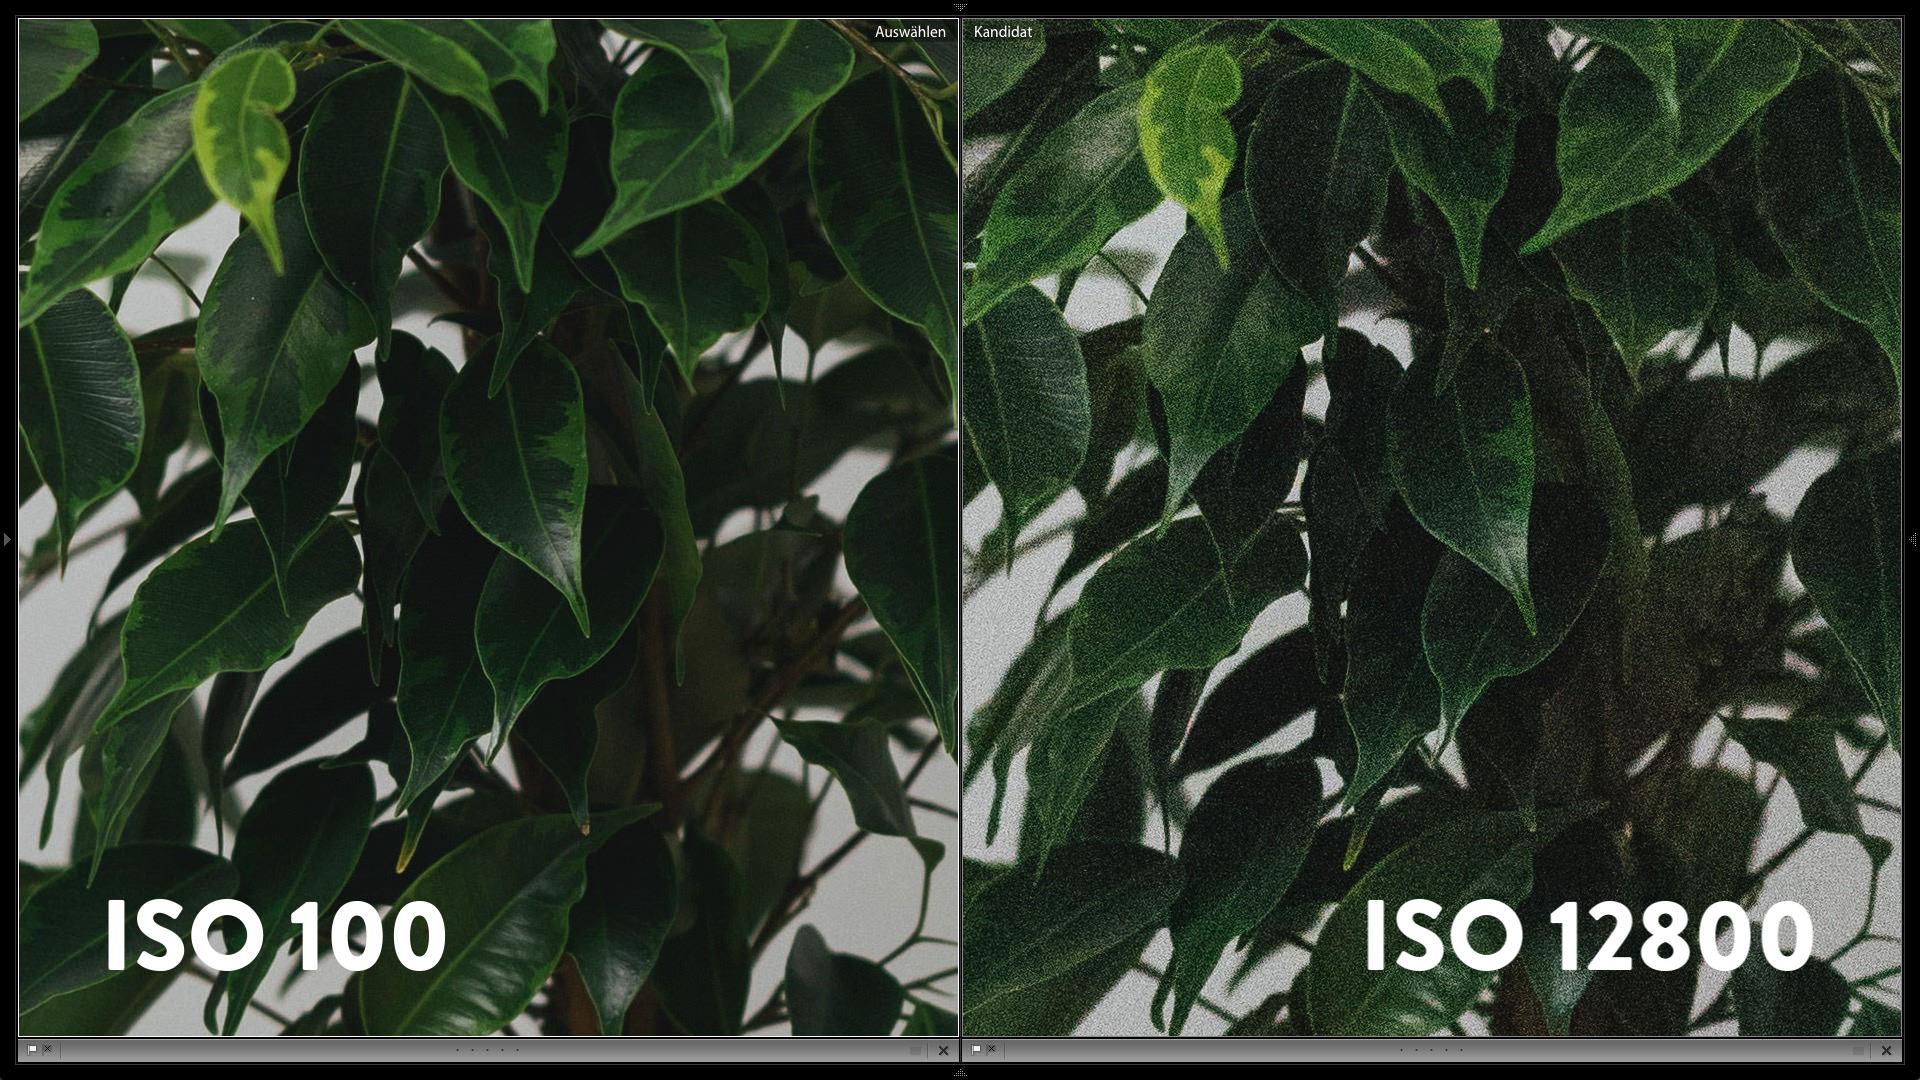 Bildrauschen bei ISO 100 vs. Bildrauschen bei ISO 12800 bei einer Canon EOS 5D Mk IV